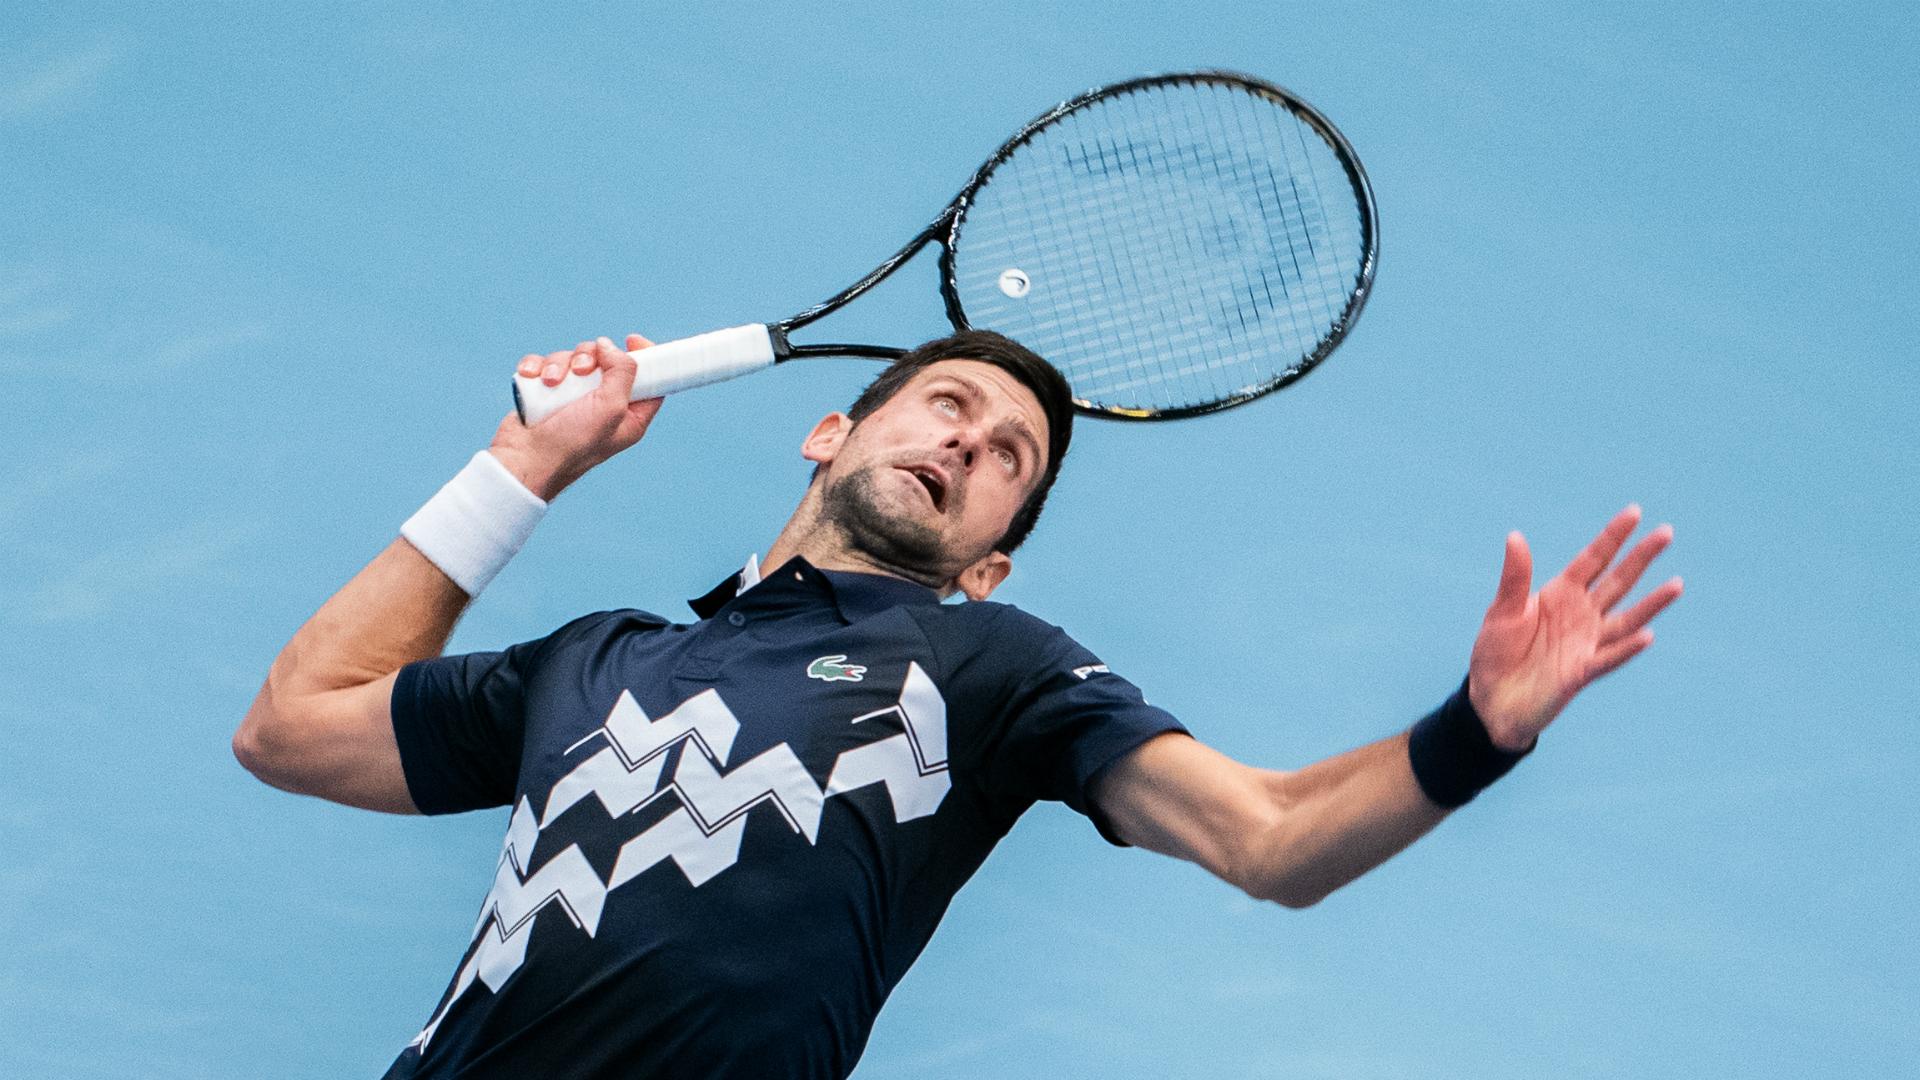 Djokovic battles past compatriot Krajinovic in Vienna